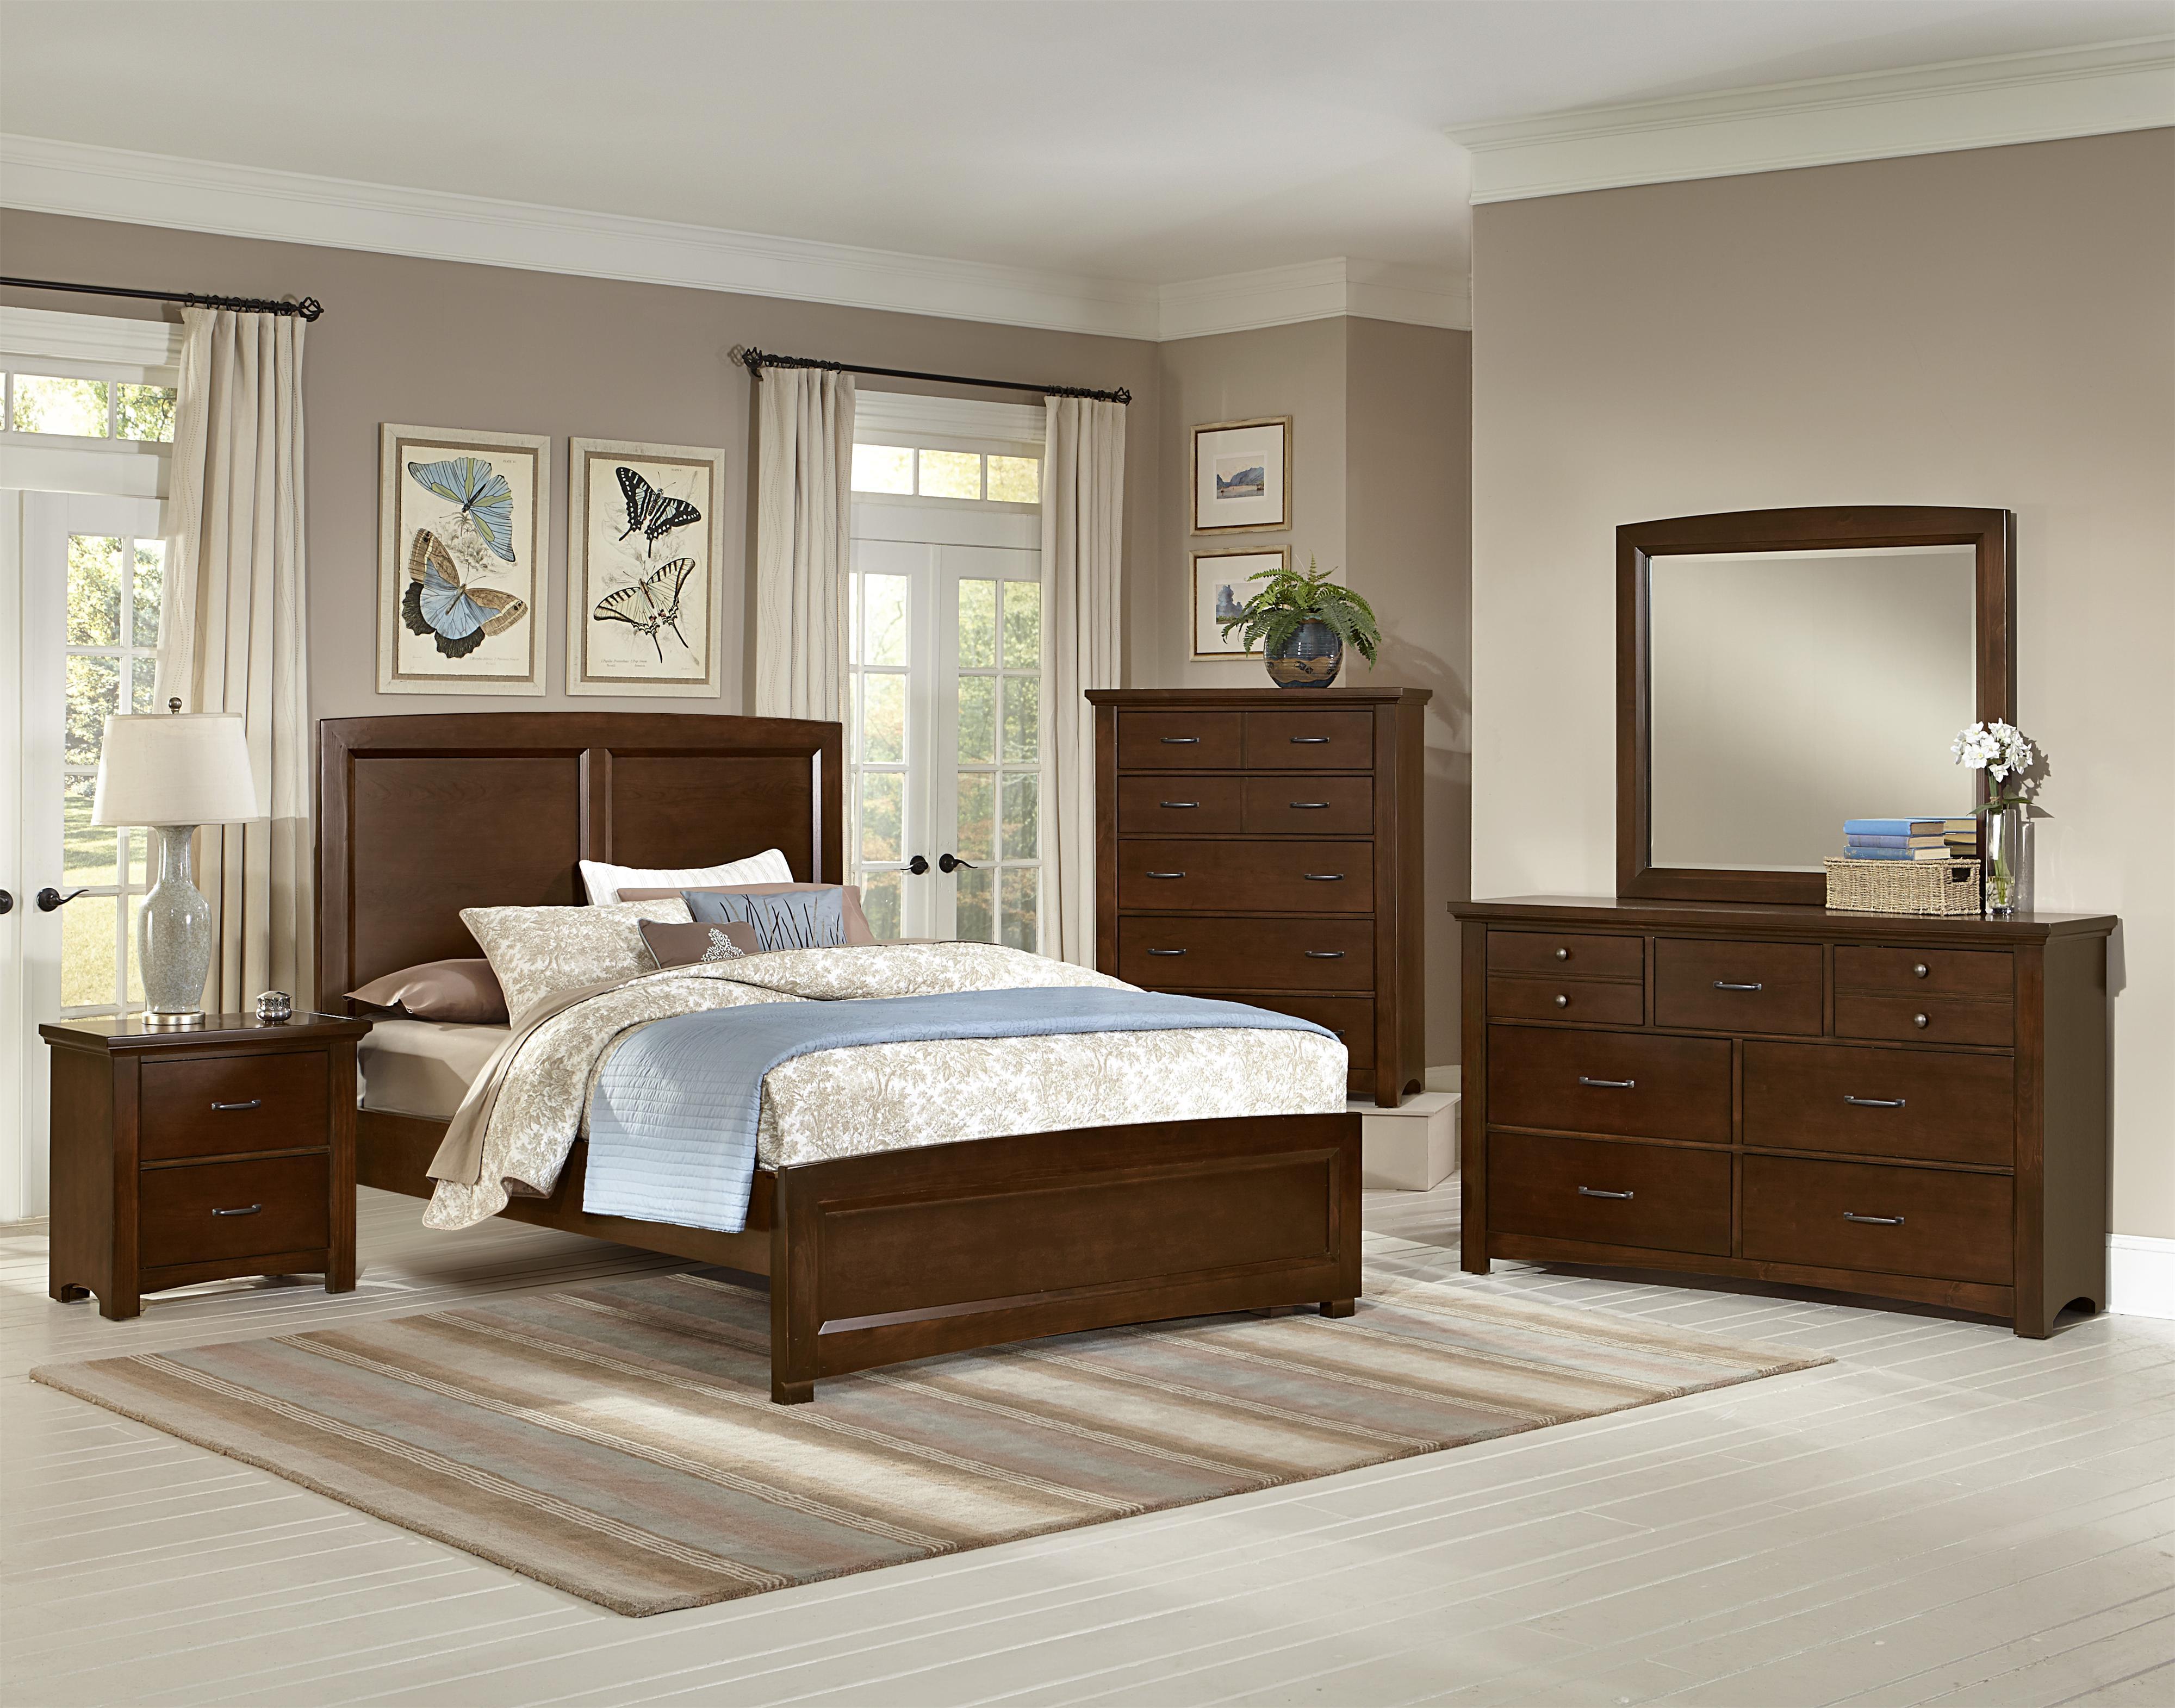 Vaughan bassett transitions queen bedroom group belfort for Bedroom groups